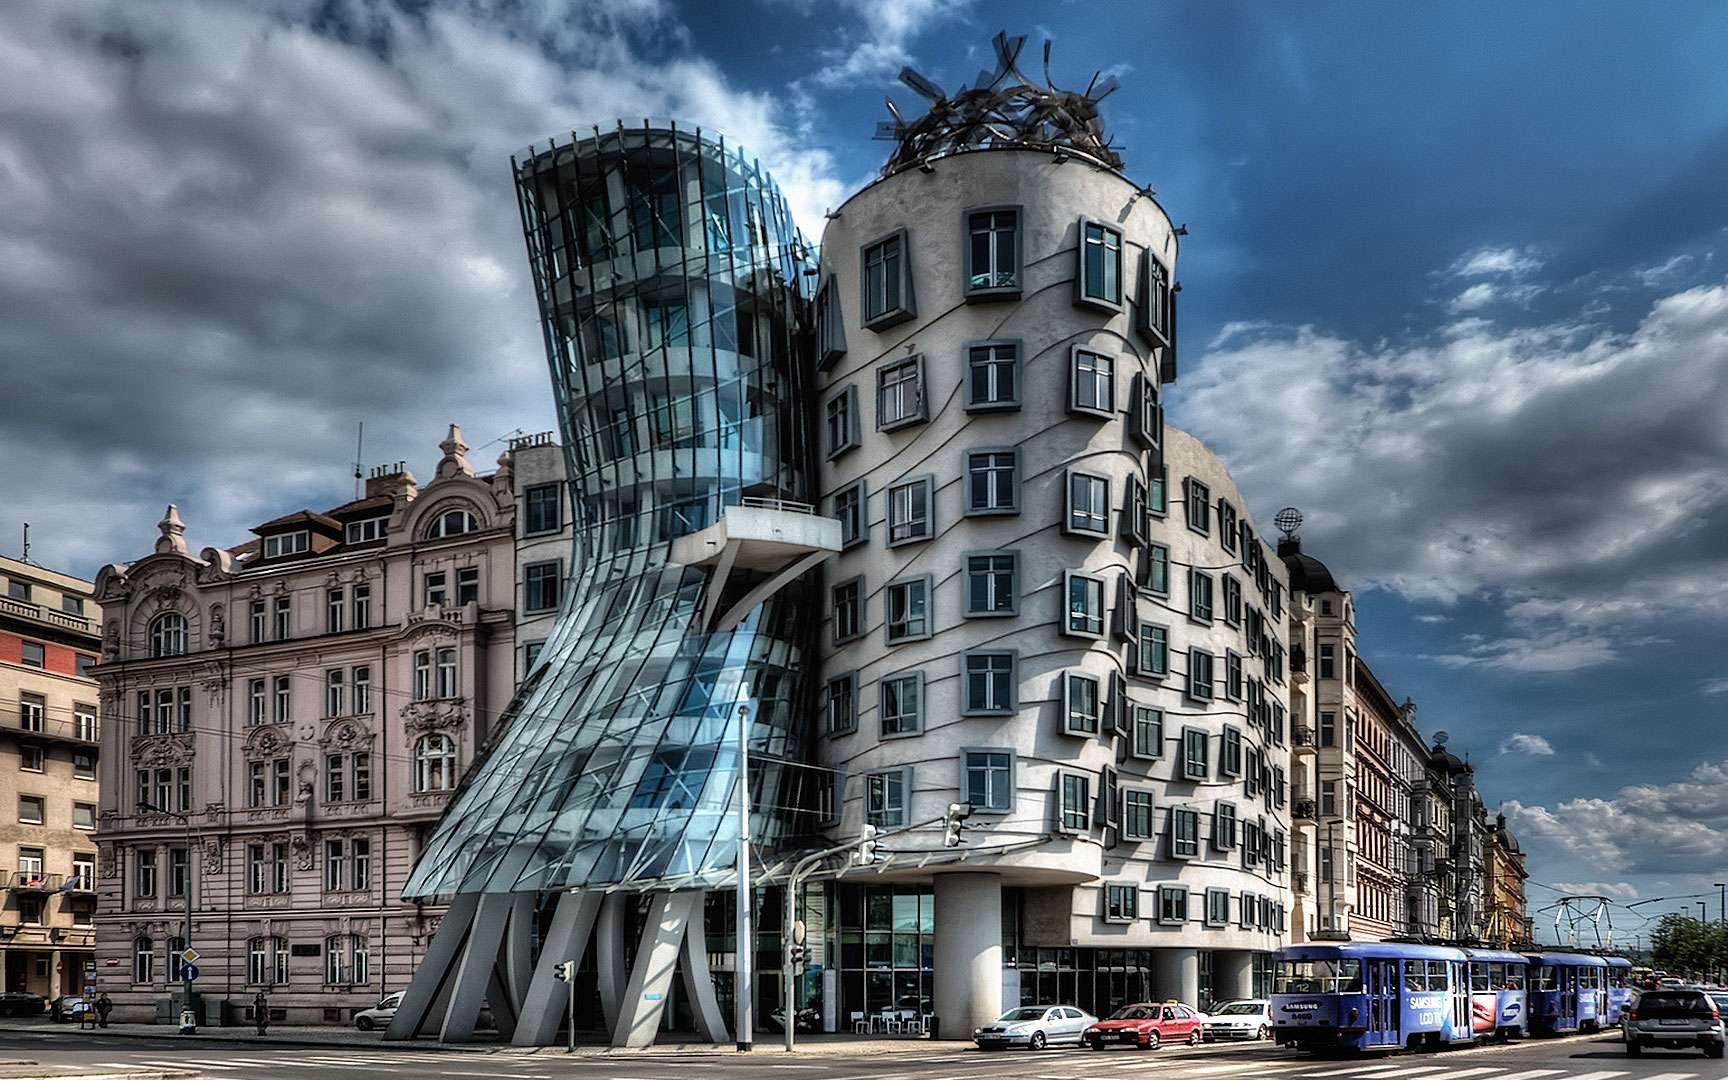 La maison dansante à Prague, par Vlado Milunić et Frank Gehry. La maison qui danse ou maison dansante a été réalisée conjointement par Vlado Milunić, un architecte tchèque d'origine croate et le Canadien Frank Gehry. Elle se trouve sur les quais de la rive droite de la rivière Vltava, au centre de Prague. La construction vit le jour sur l'idée de Vaclav Havel alors président de la République tchèque, après la Révolution de velours. Il souhaitait en faire un centre culturel mais le bâtiment fut racheté par le bancassureur néerlandais ING qui laissa le projet à Vlado Milunic à la condition qu'il s'adjoigne le concours d'un architecte de renommée internationale. Frank Gehry accepta la collaboration et ING leur fournit un budget illimité pour finaliser le projet. Les deux tours enlacées simulant un couple de danseurs en fait un immeuble inattendu à l'indéniable effet poétique. © Pedro Szekely, CC by-sa 2.0